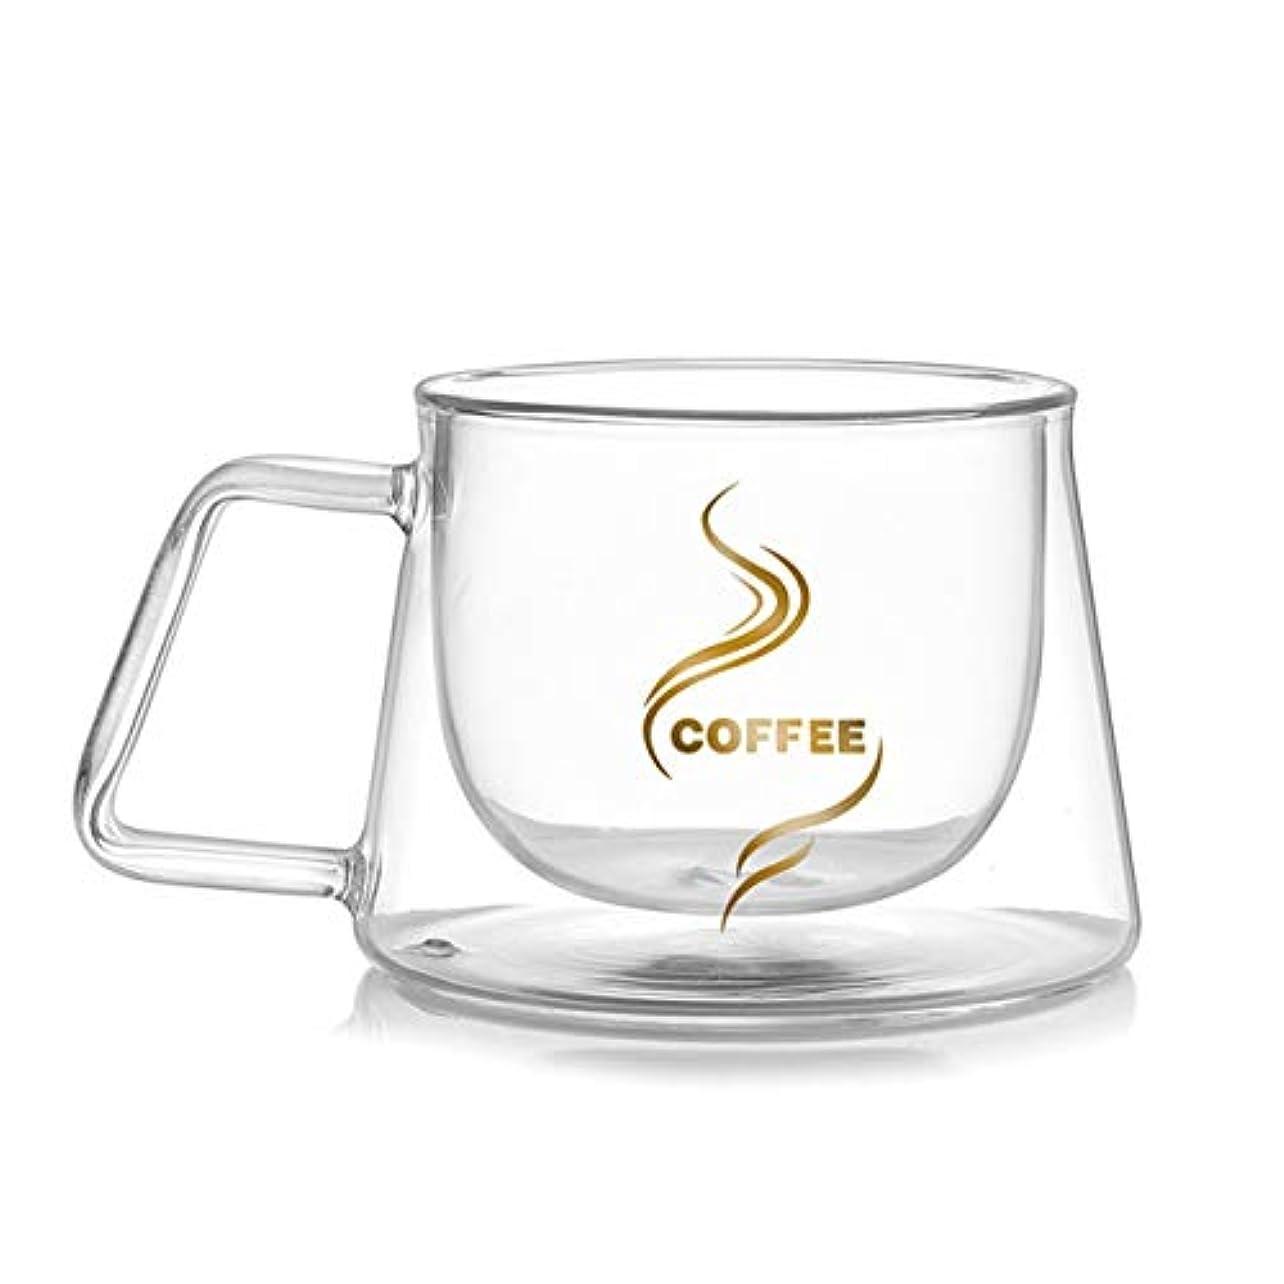 テープアルプスかんがいSaikogoods 200ML ダブルレイヤー ガラスのコーヒーカップ コーヒーマグ 手作り ビールジョッキを飲む ホームオフィスマグ 透明 耐熱 カップ グラス トランスペアレント